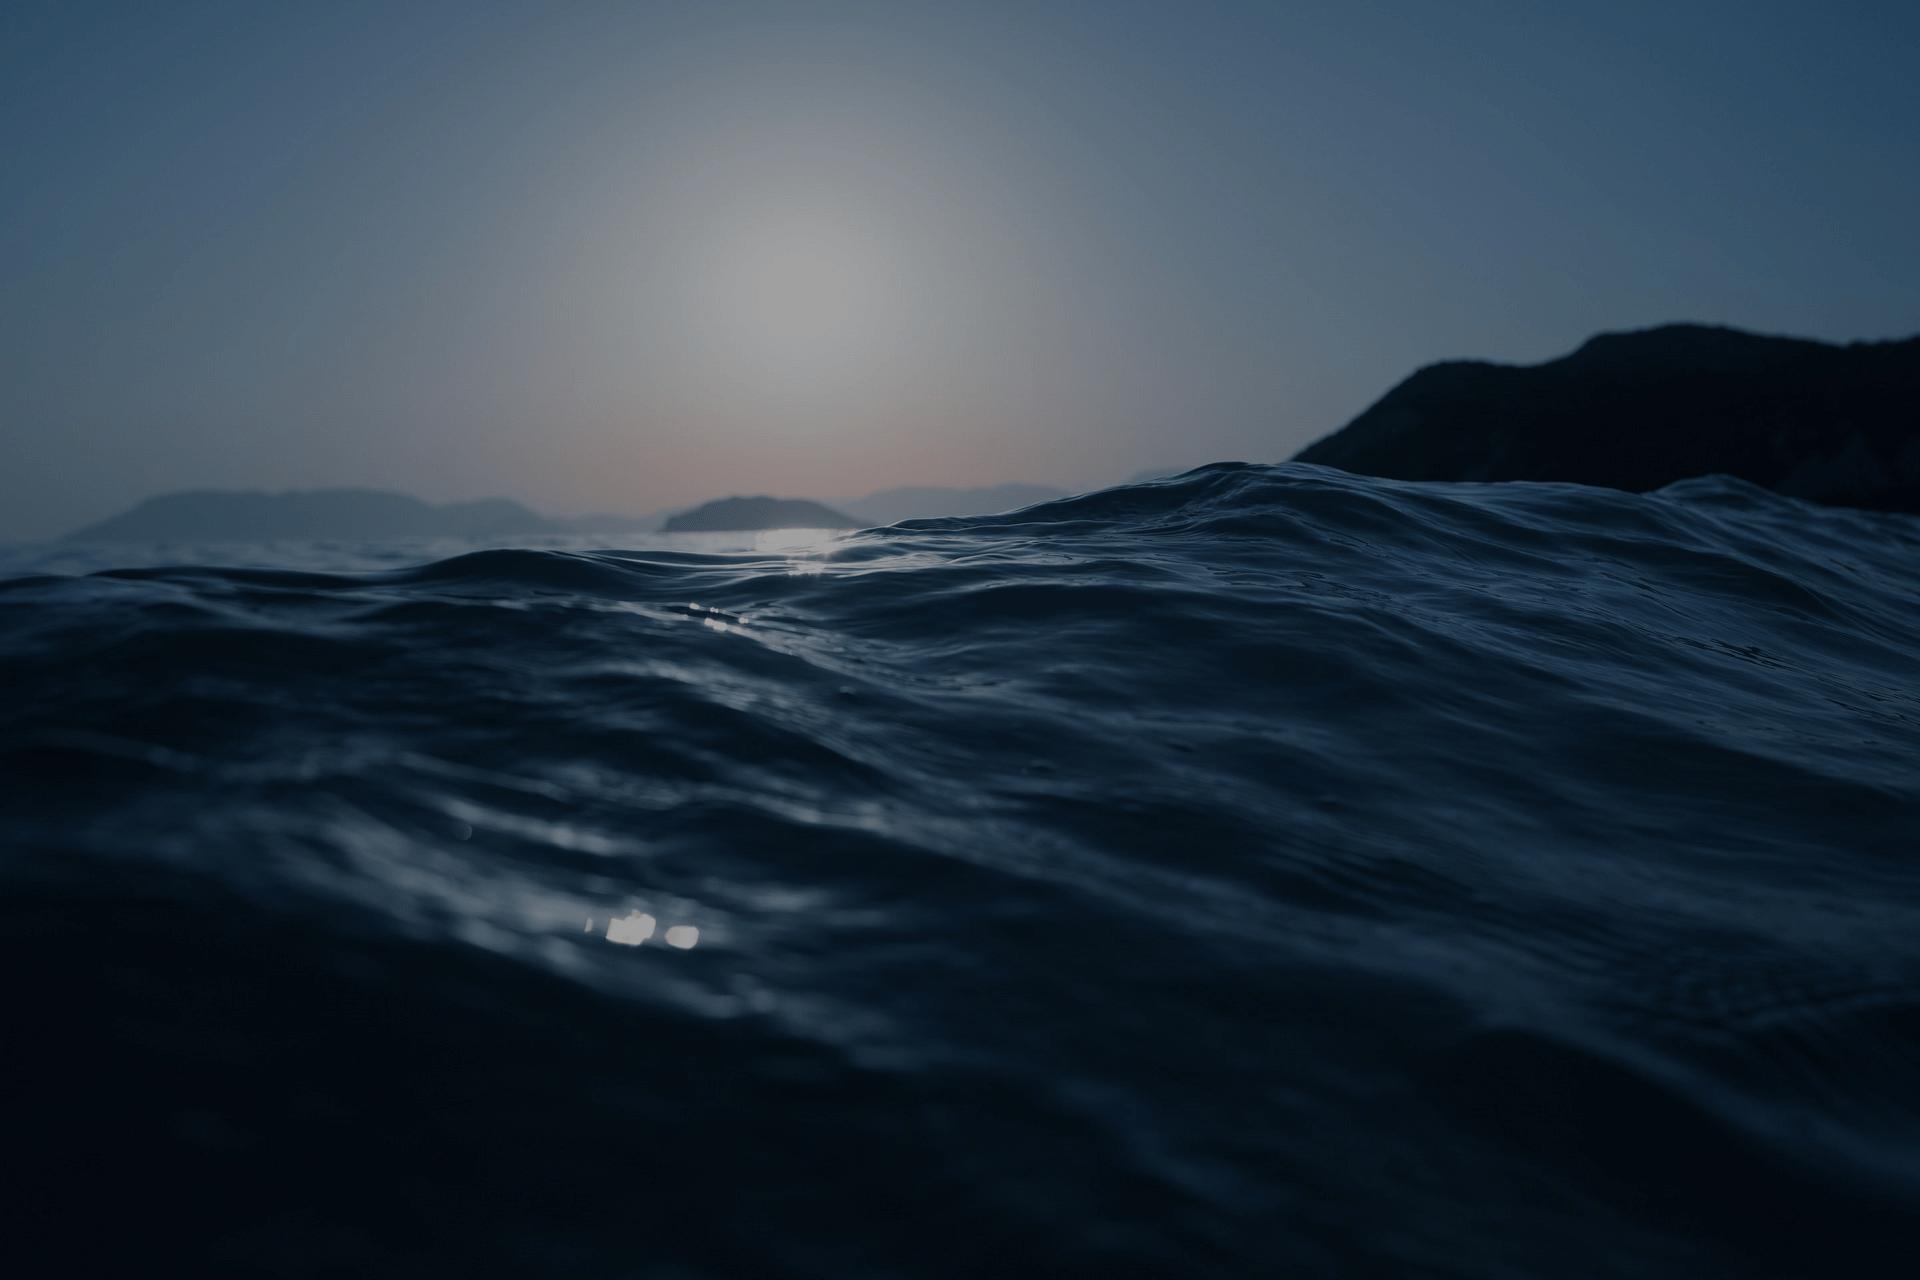 Kulę ziemską okala jeden ocean o wielu różnorodnych cechach.